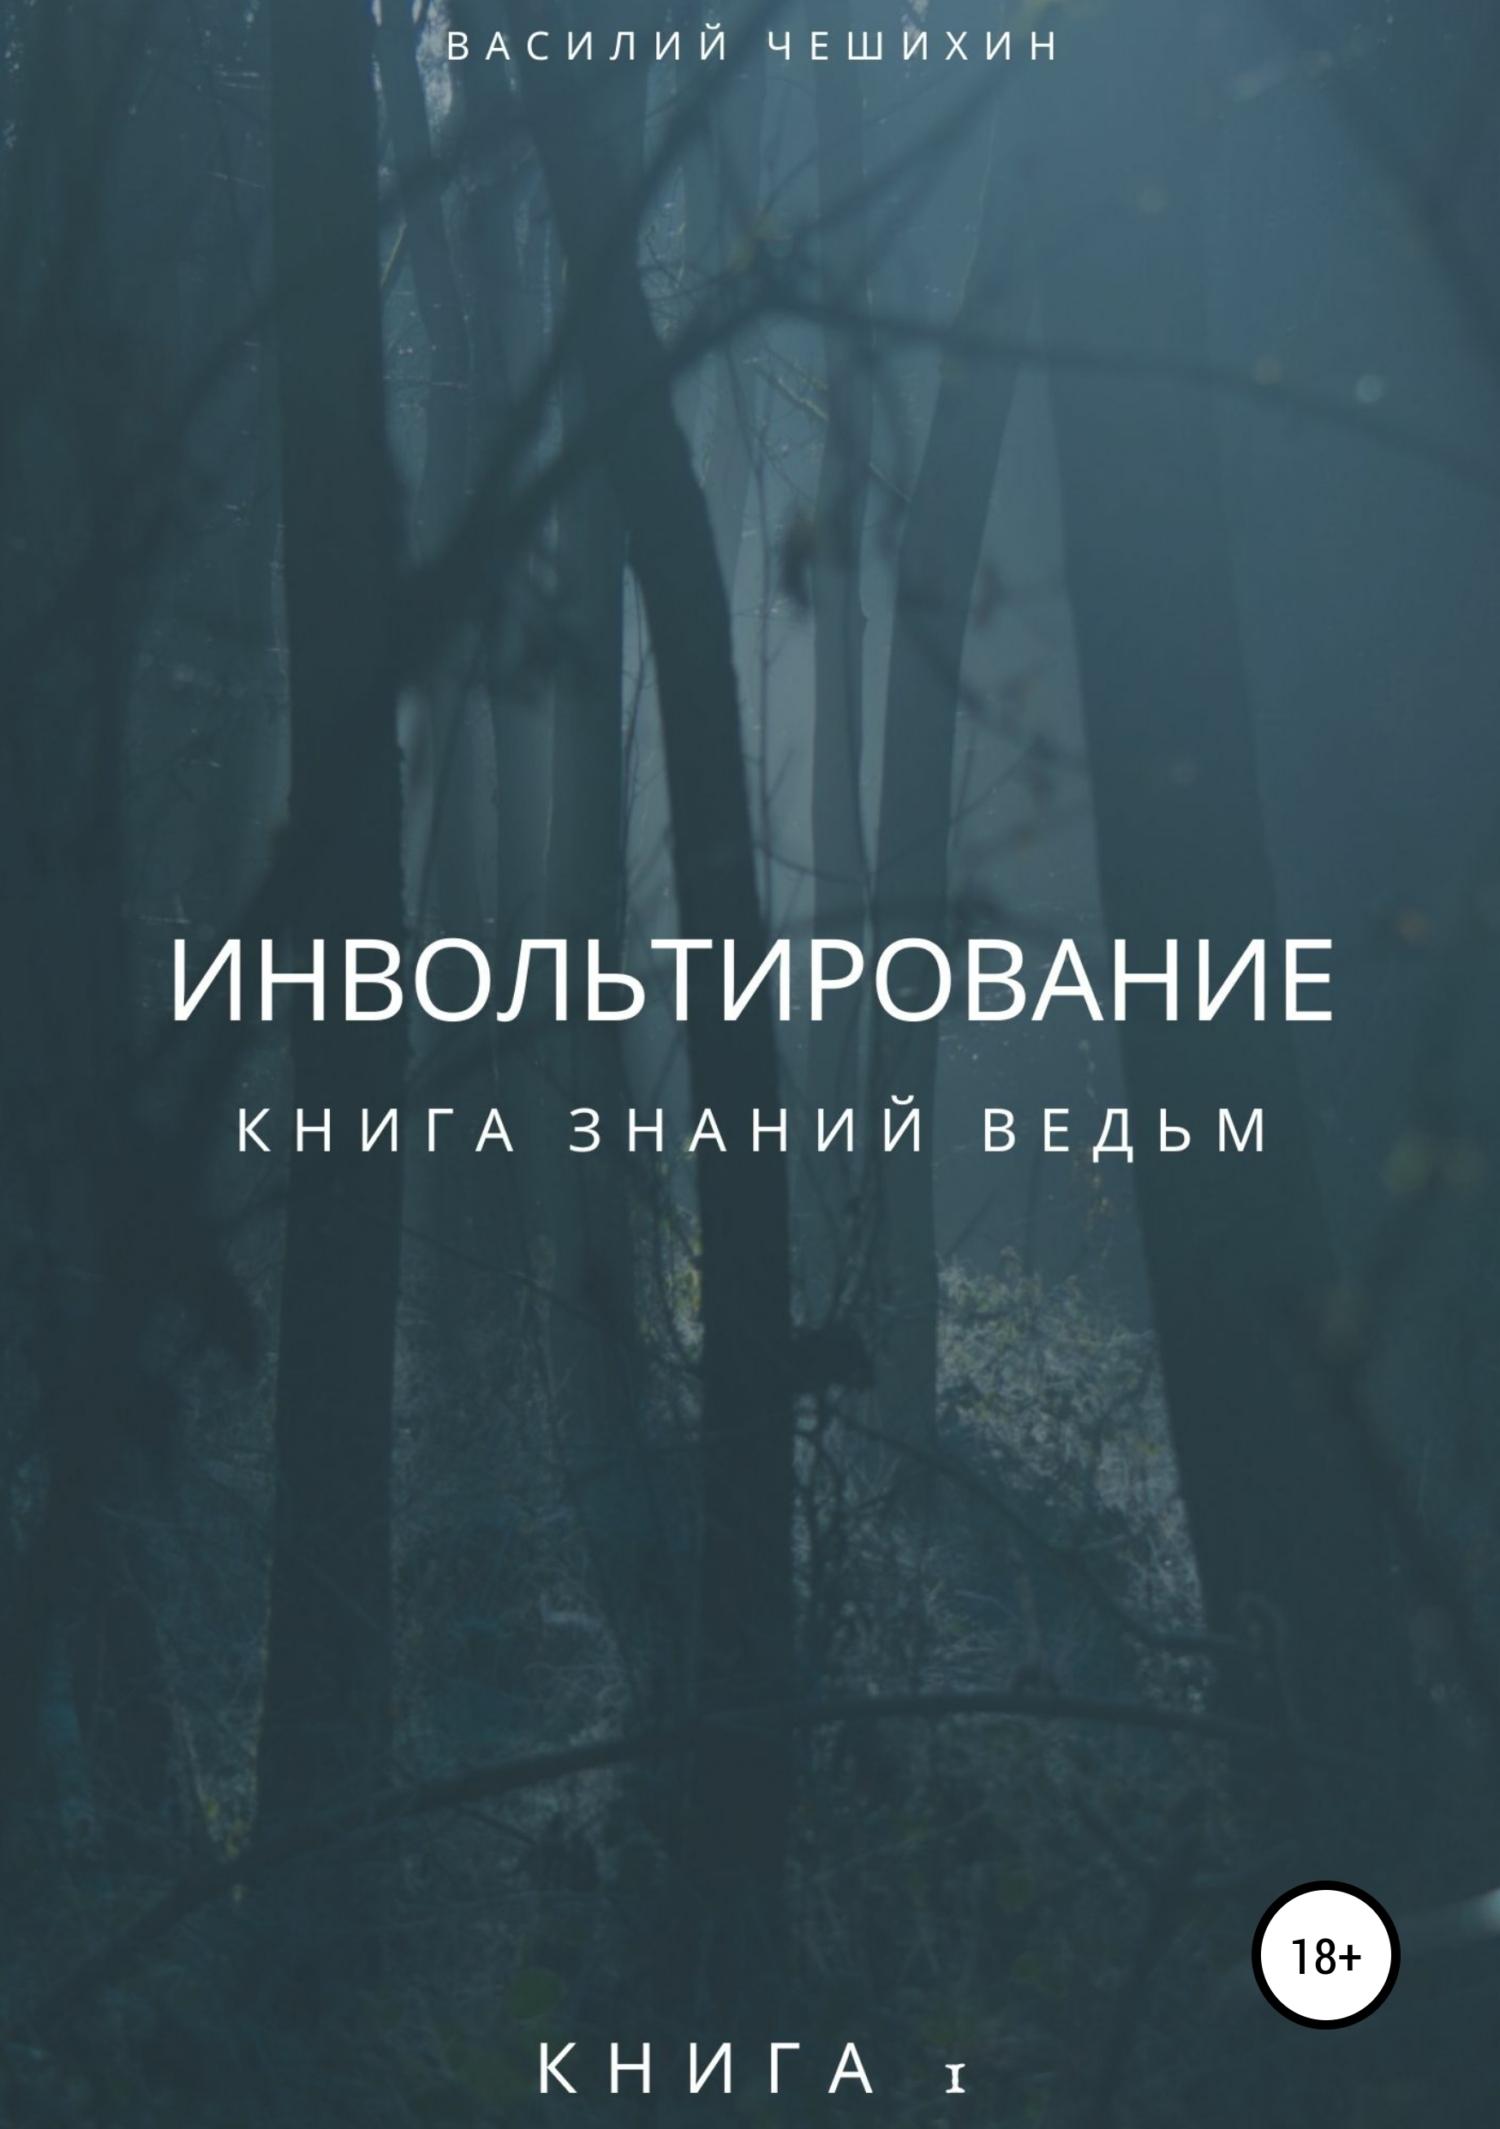 Купить книгу Инвольтирование, автора Василия Чешихина